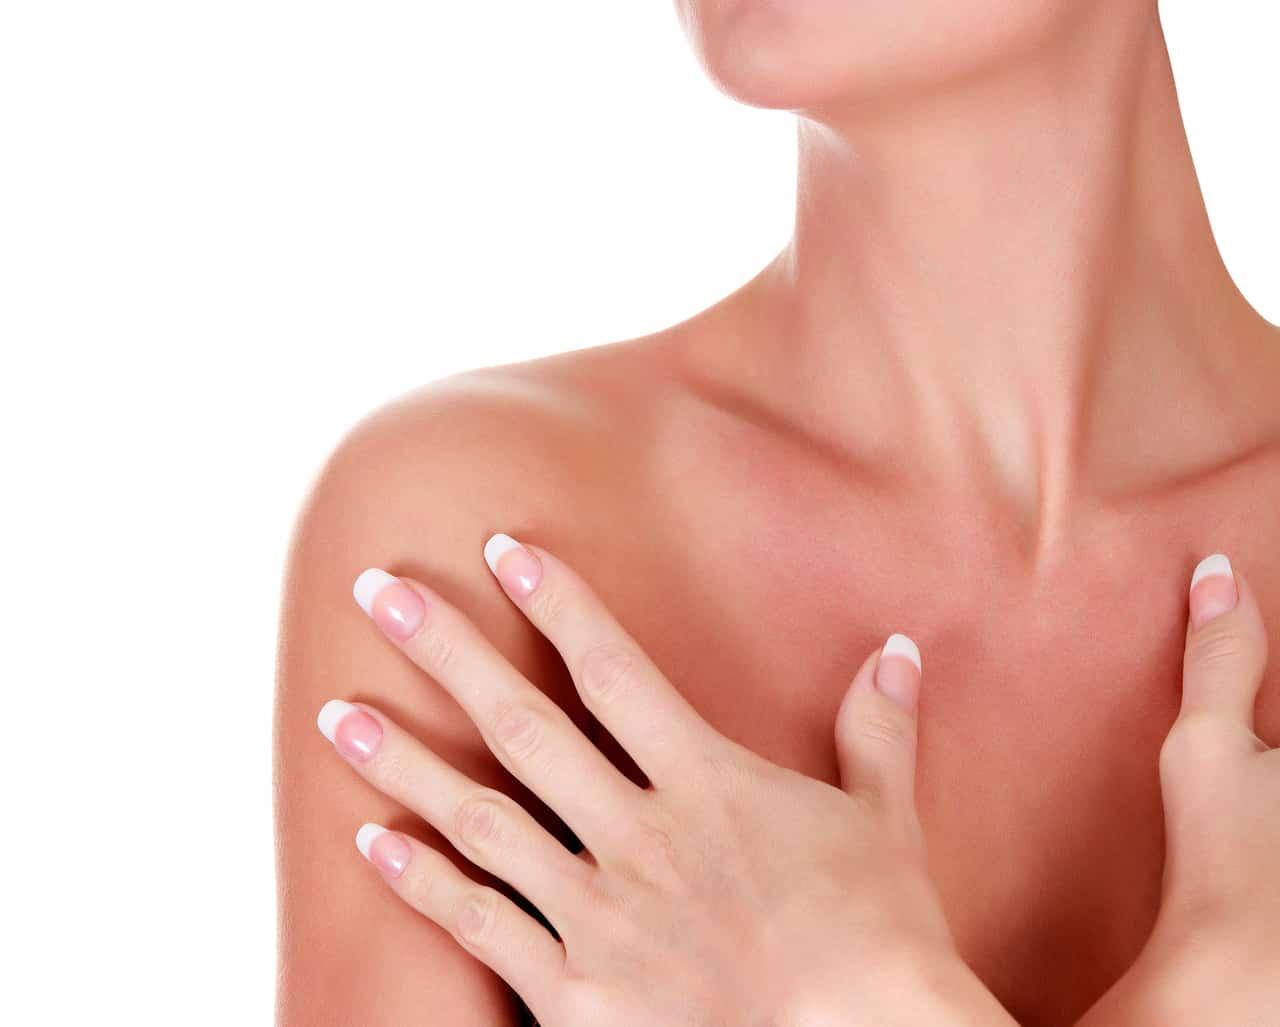 Schmerzen nach Brustvergrößerung: Das sind mögliche Ursachen